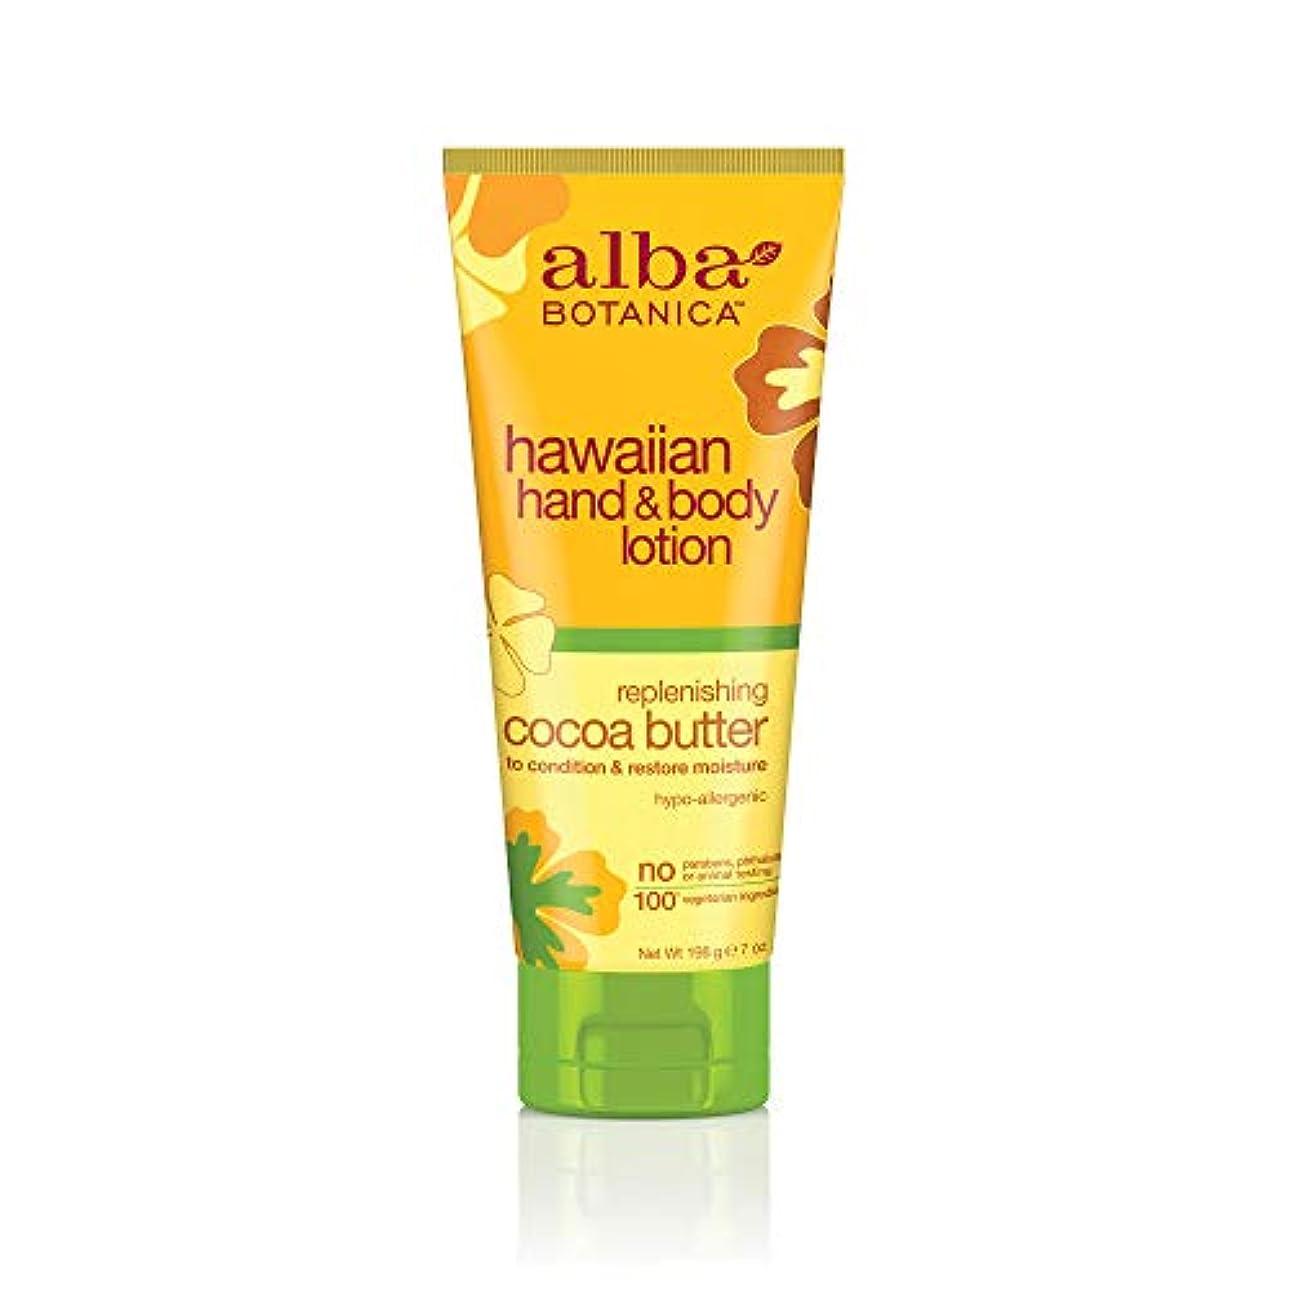 メナジェリー夫狭い海外直送品 Alba Botanica Hawaiian Hand & Body Lotion, Cocoa Butter 7 oz